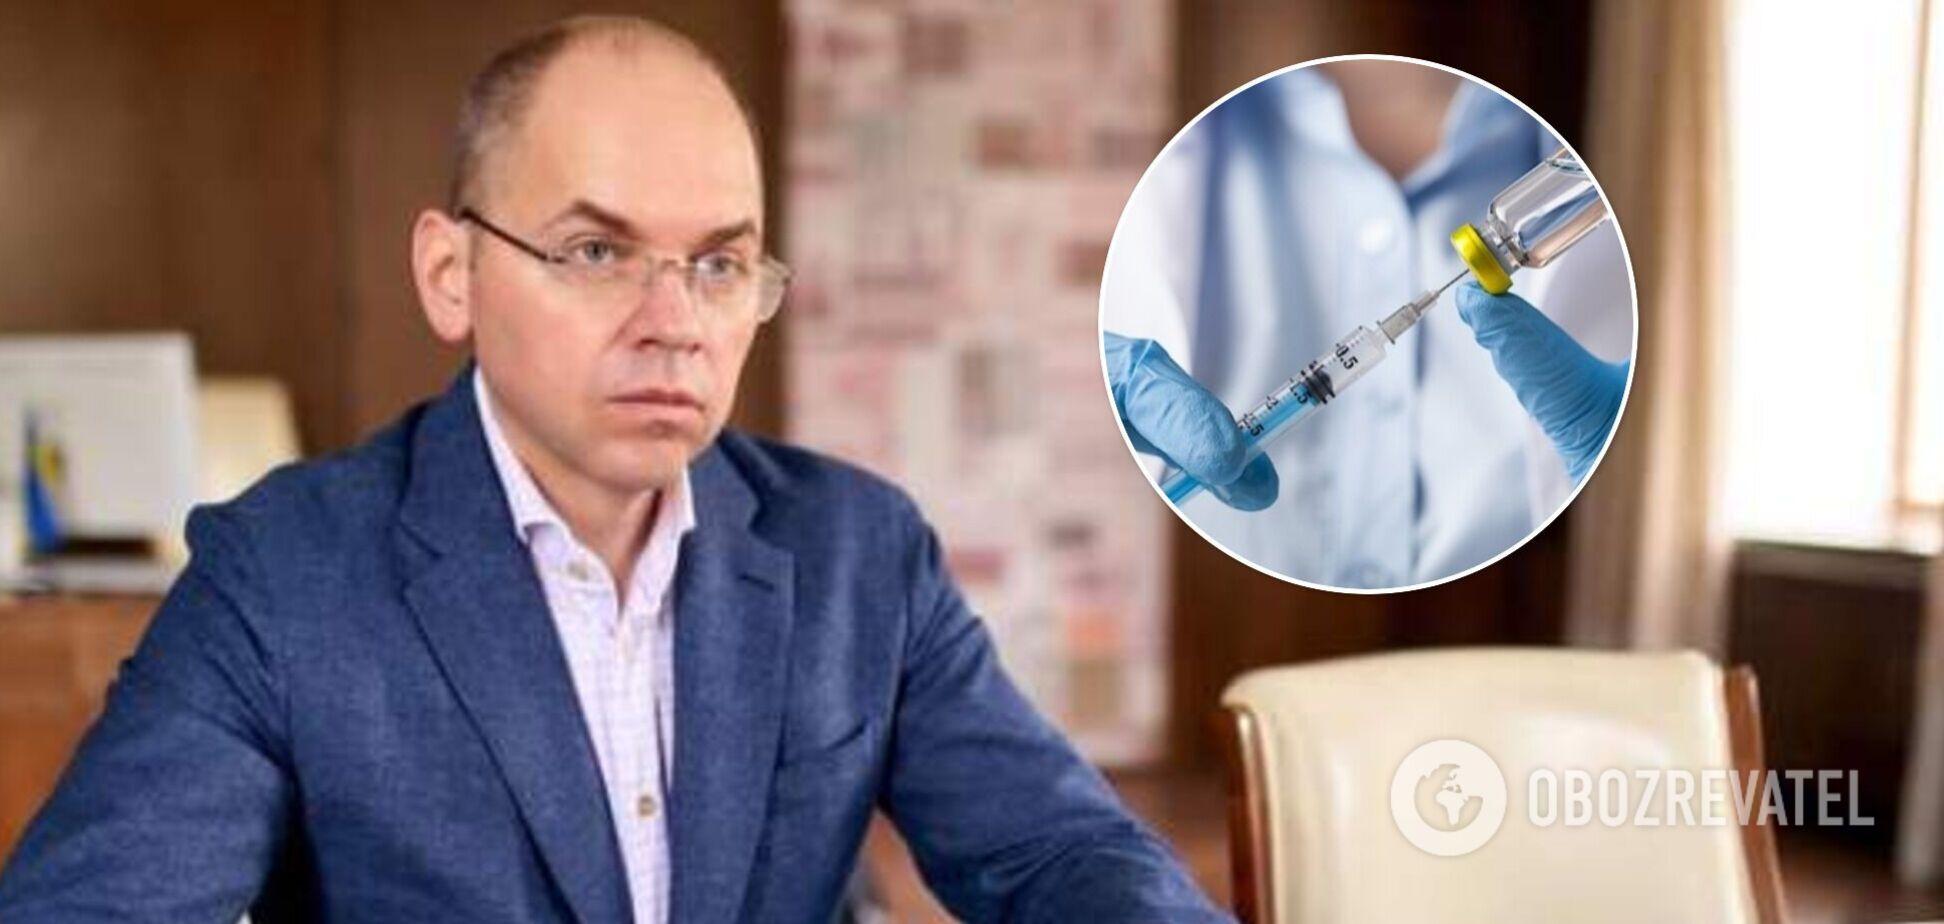 Українська вакцина від COVID-19 буде дорожчою за іноземні: в МОЗ розповіли деталі